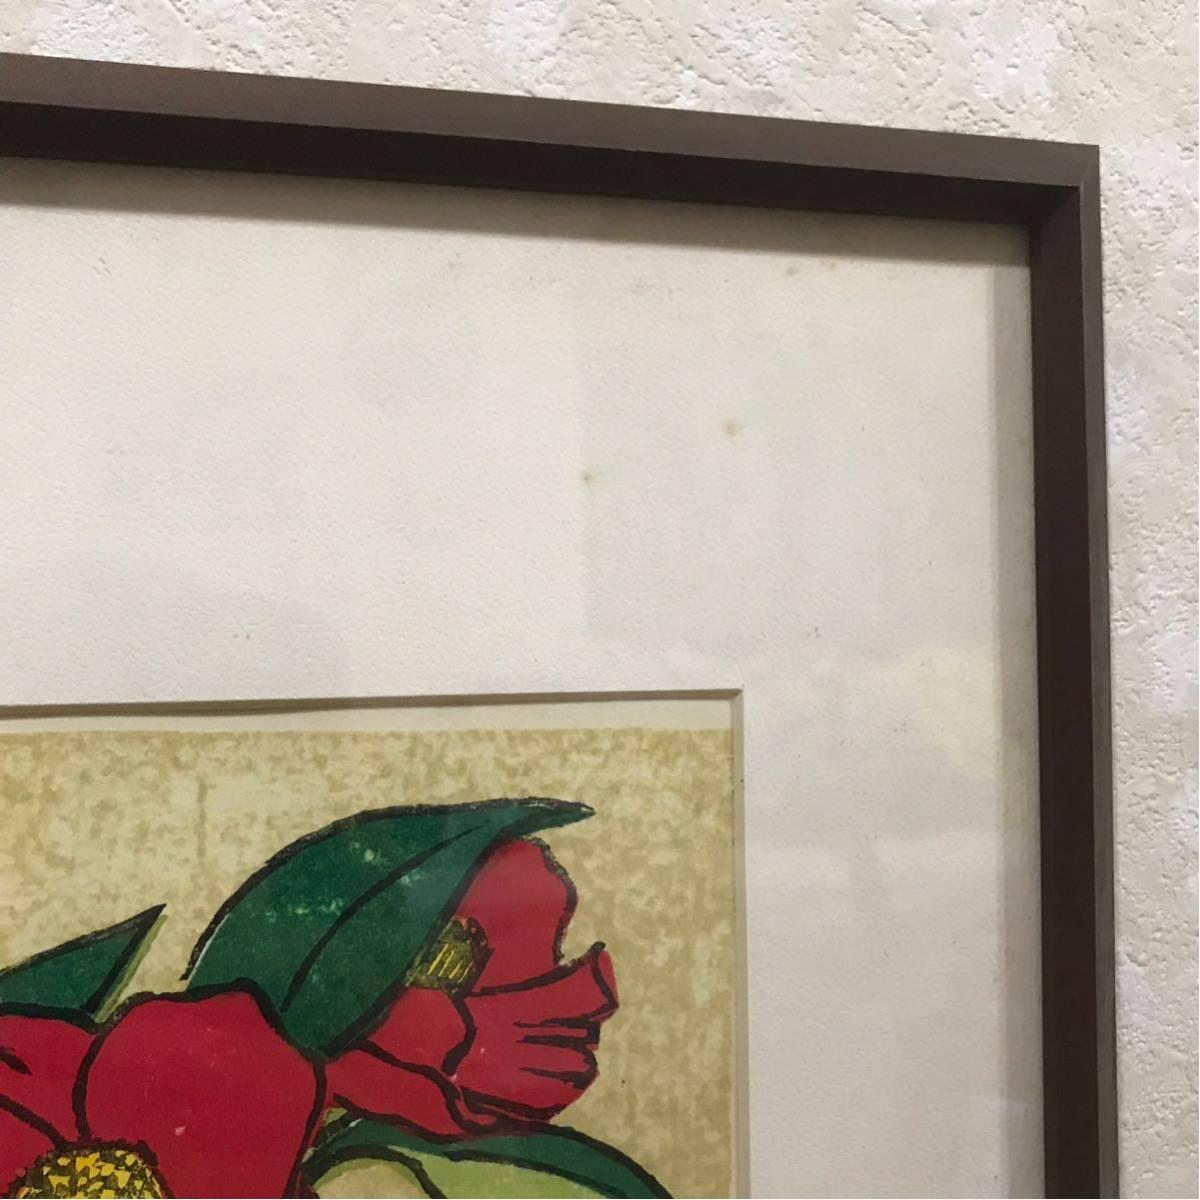 本木こま子 木版画 絵 花 椿 つばき 花瓶 額入り インテリア 外箱あり_画像4